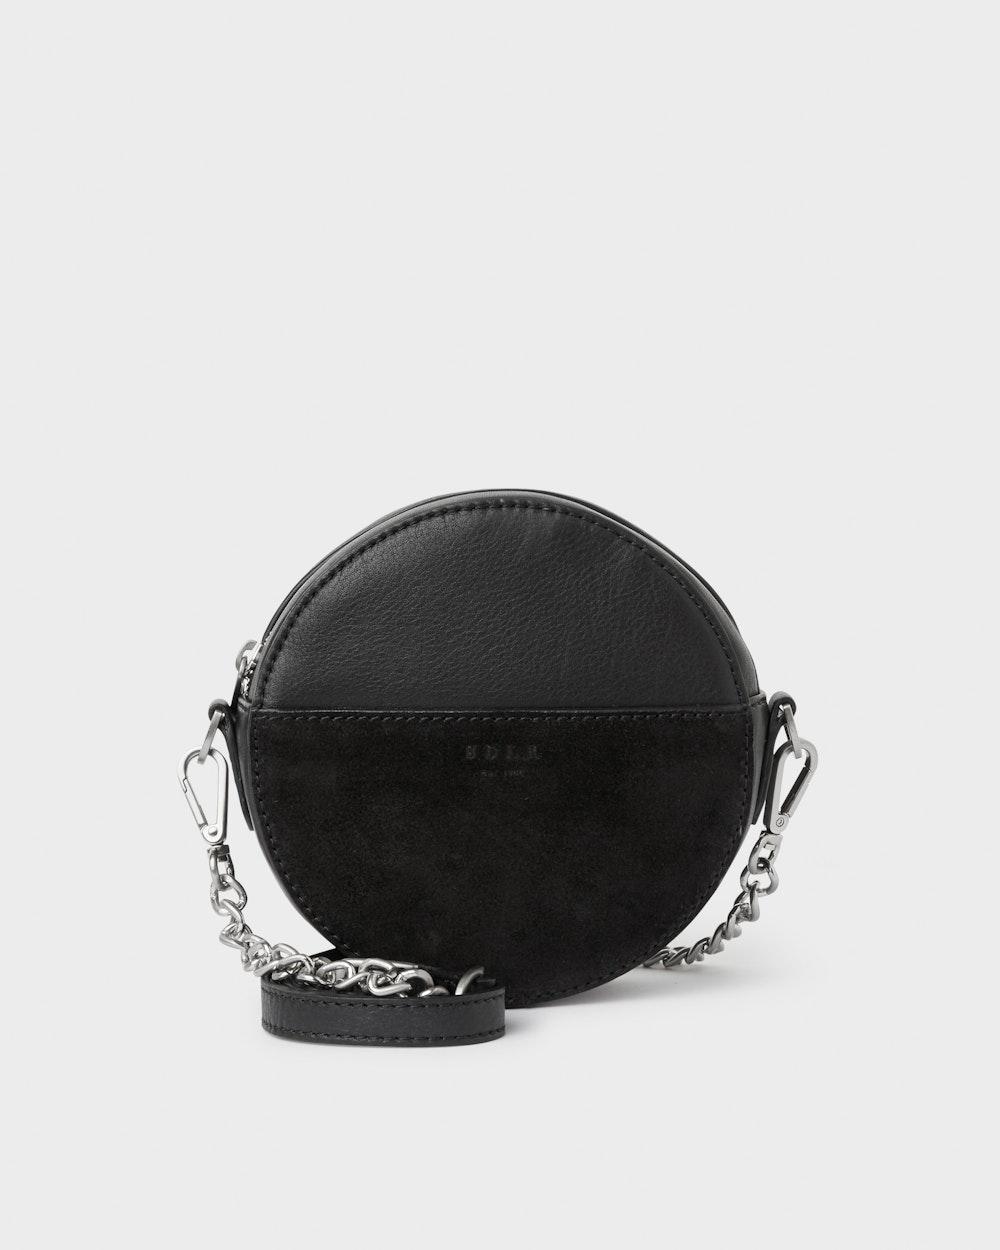 Maria shoulder bag Black Saddler